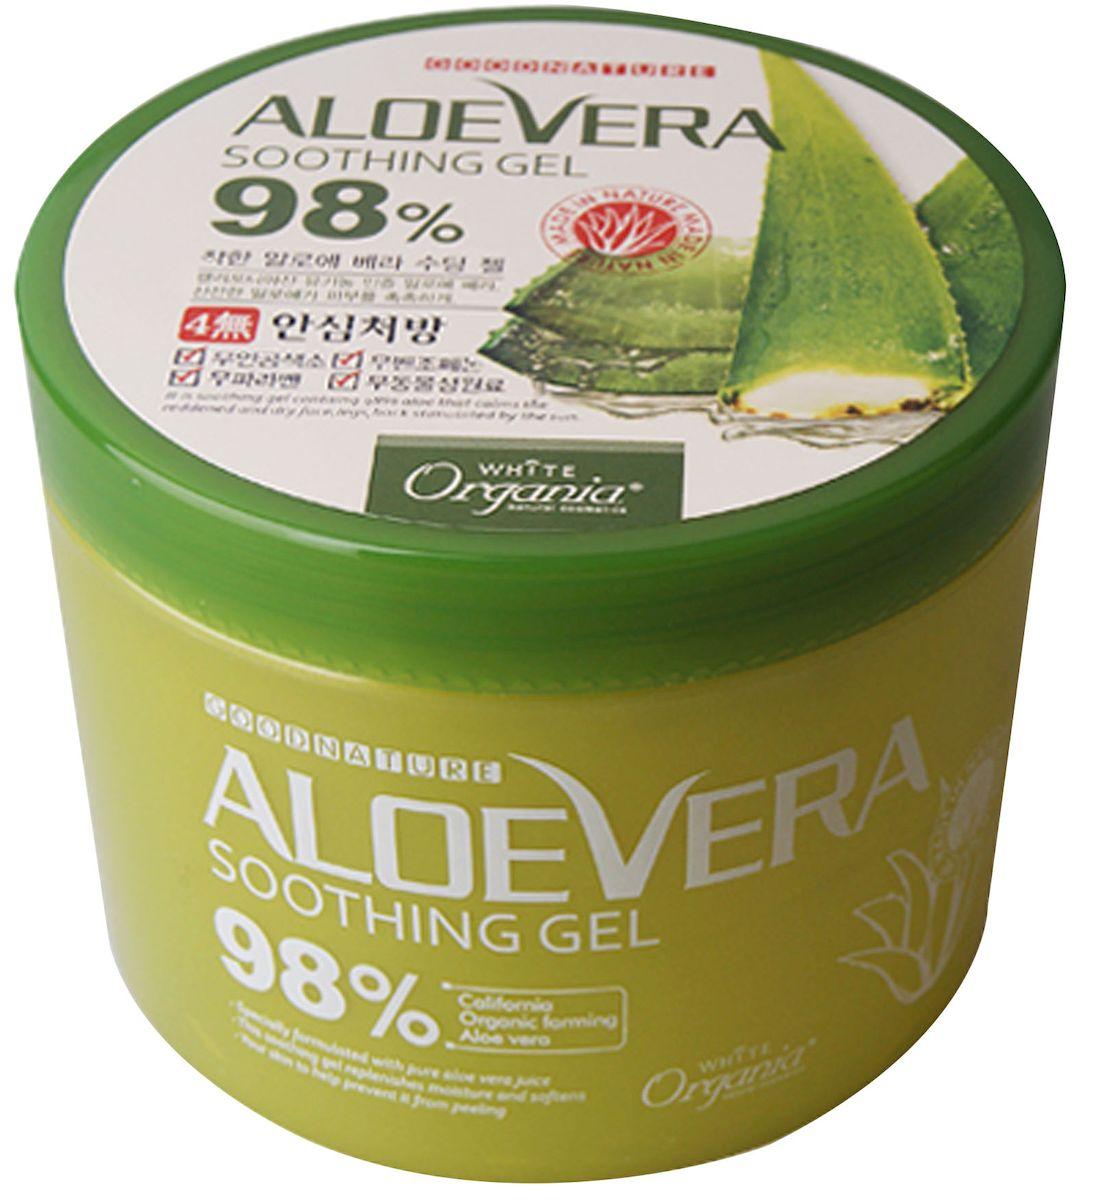 Whitecospharm Успокаивающий гель с натуральным соком алоэ вера White Organia, 500 мл456875Гель обогащен органическим соком алоэ вера высокой концентрации, моментально оказывает успокаивающее и охлаждающее действия на кожу. Насыщает и питает кожу ценными микроэлементами, содержащимися в алоэ вера.- Алоэ вера содержит витамины A, B, C, E, а также аминокислоты, энзимы и минералы. Глубоко увлажняет кожу, успокаивает, заживляет, восстанавливает естественный защитный слой кожи и оказывает мощное антиоксидантное воздействие- Гель идеально подойдет в качестве средства после загара, средства после бритья или в качестве охлаждающей экспресс-маски для лица, в том числе – кожи векСпособ применения: нанести небольшое количество геля на кожу, распределить легкими массажными движениями и дать впитаться. Гель рекомендуется хранить в холодильнике.Меры предосторожности: при появлении раздражения на коже прекратите использование и обратитесь к врачу. При попадании средства в глаза промойте их проточной водой. Храните в недоступном для детей месте.